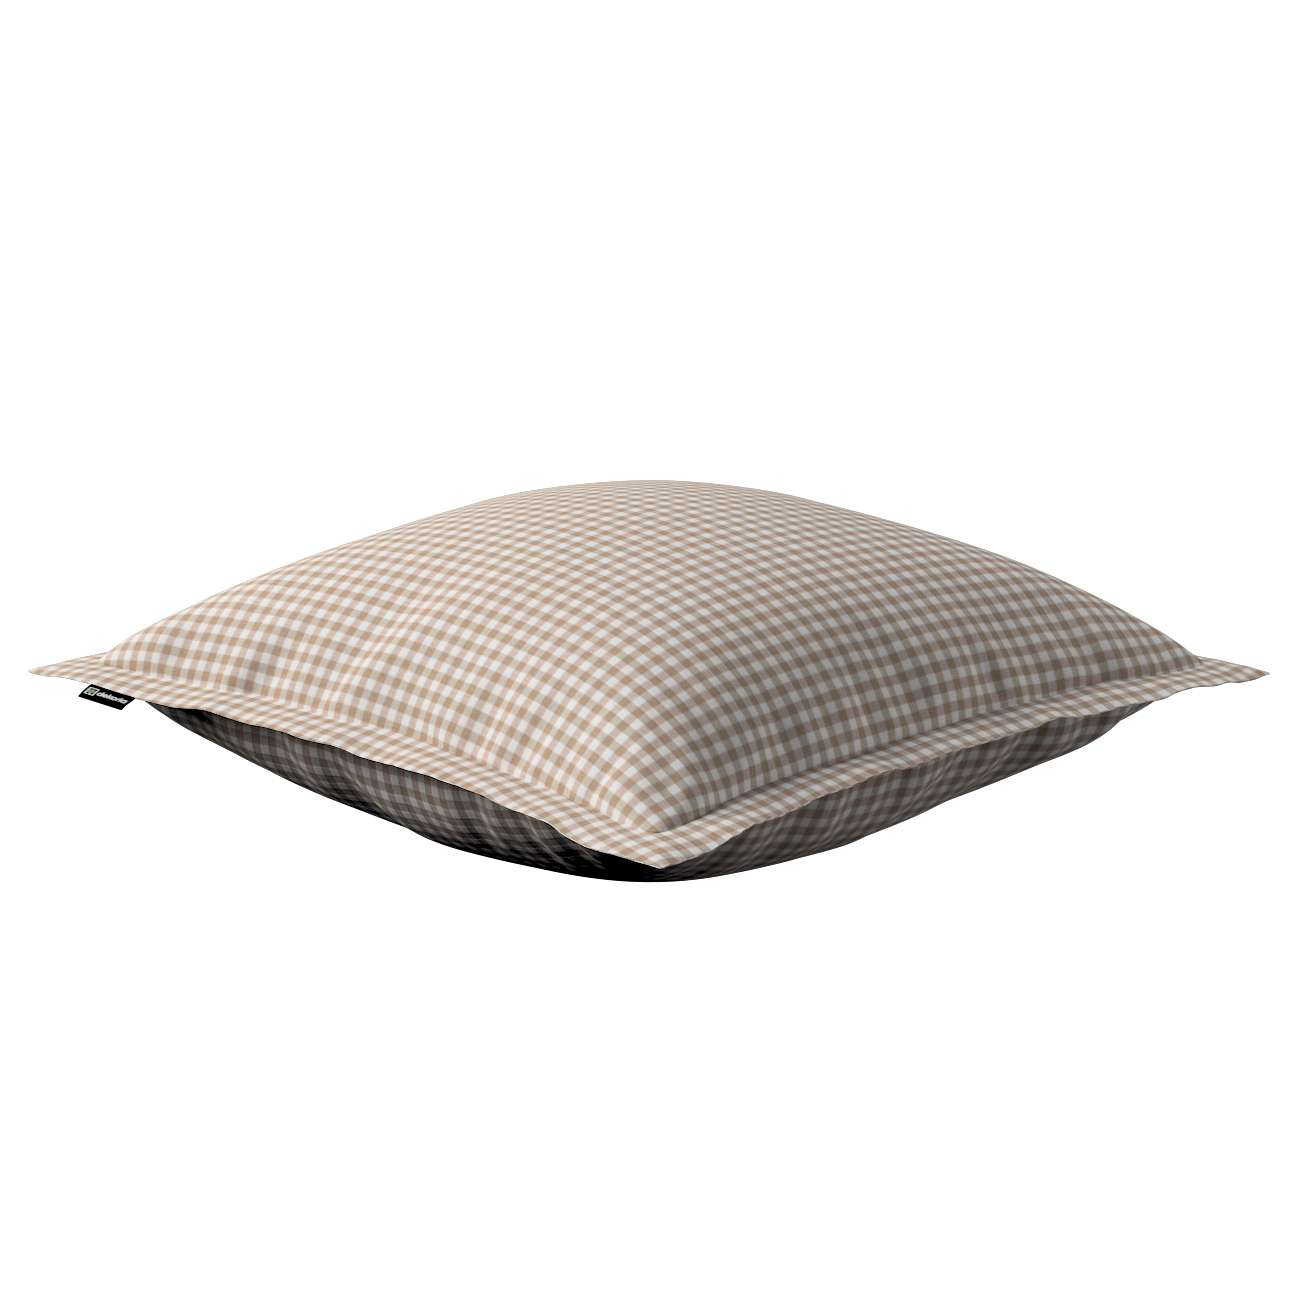 Mona dekoratyvinių pagalvėlių užvalkalas su sienele kolekcijoje Quadro, audinys: 136-05